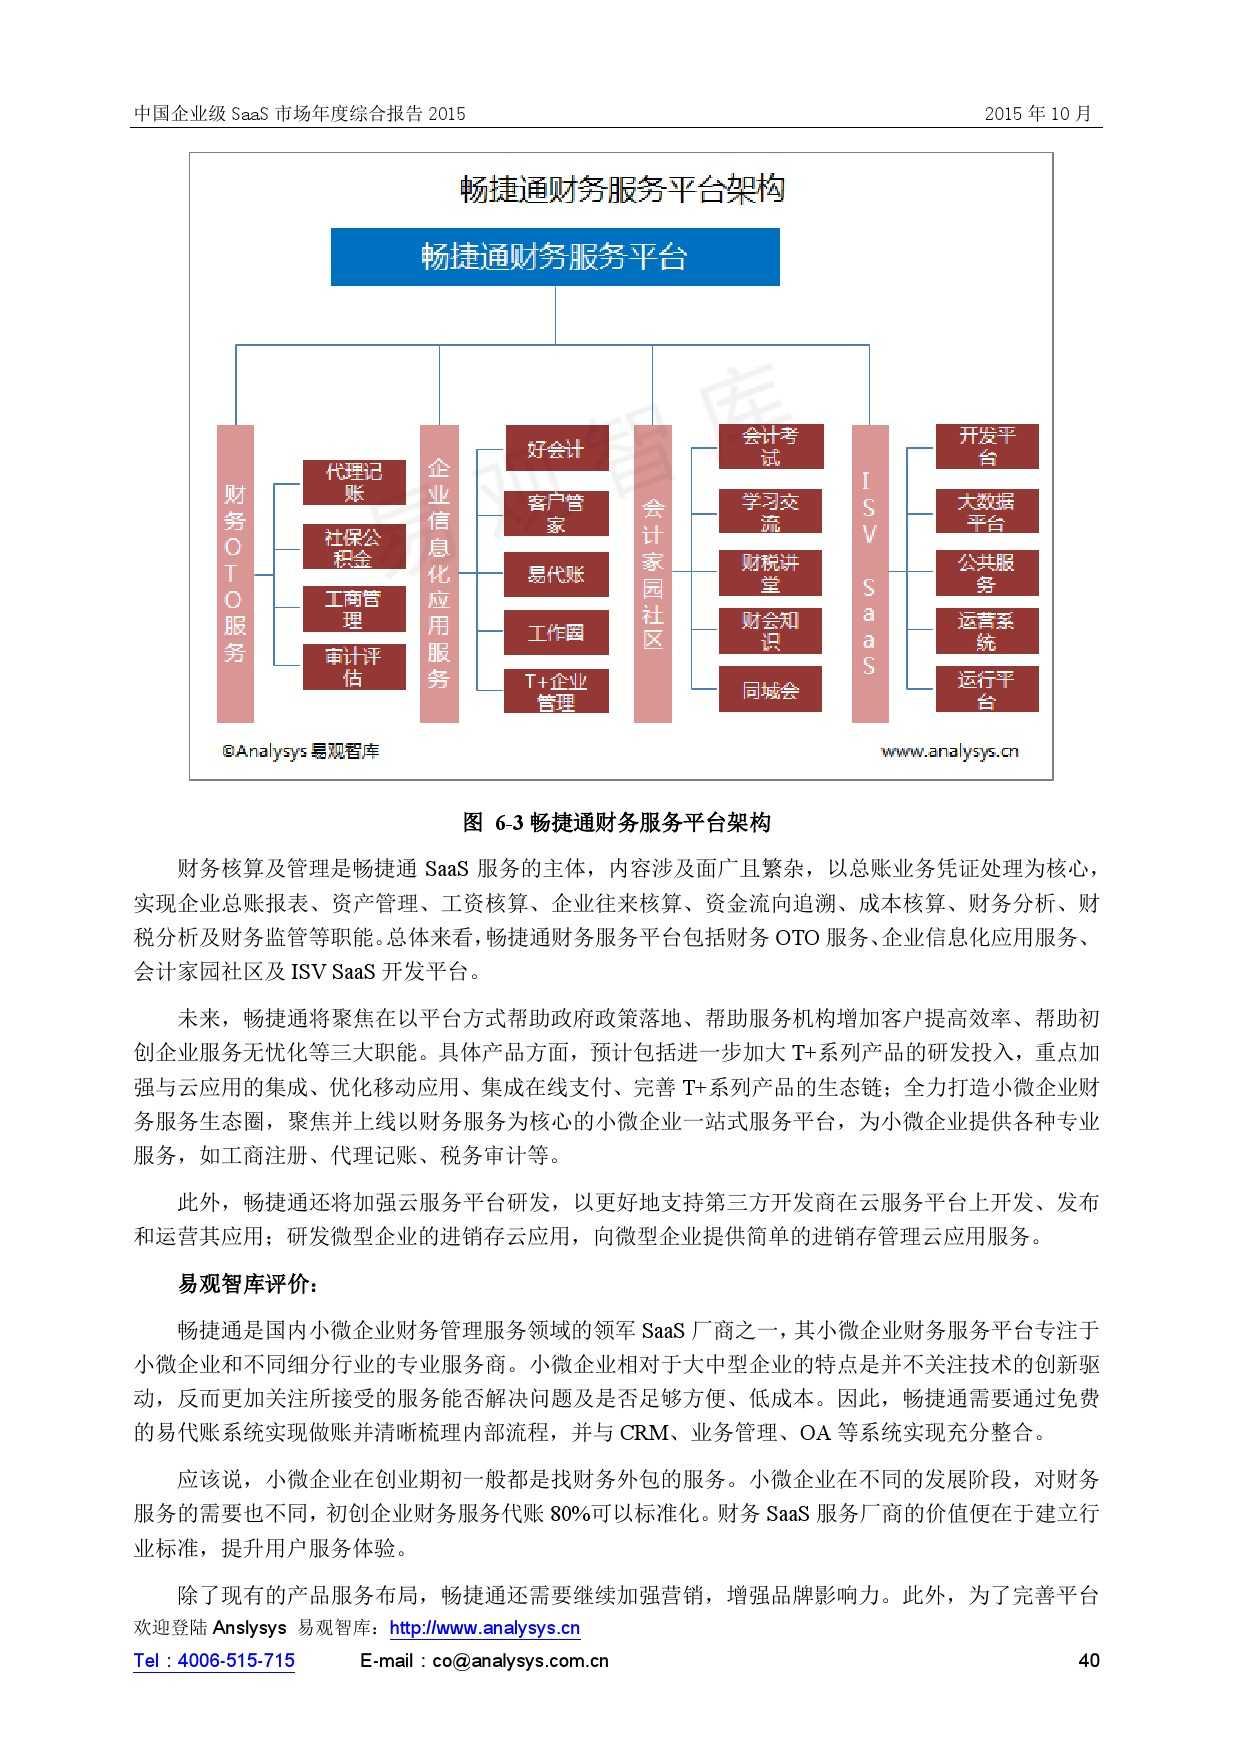 中国企业级SaaS市场年度综合报告2015 01_000040